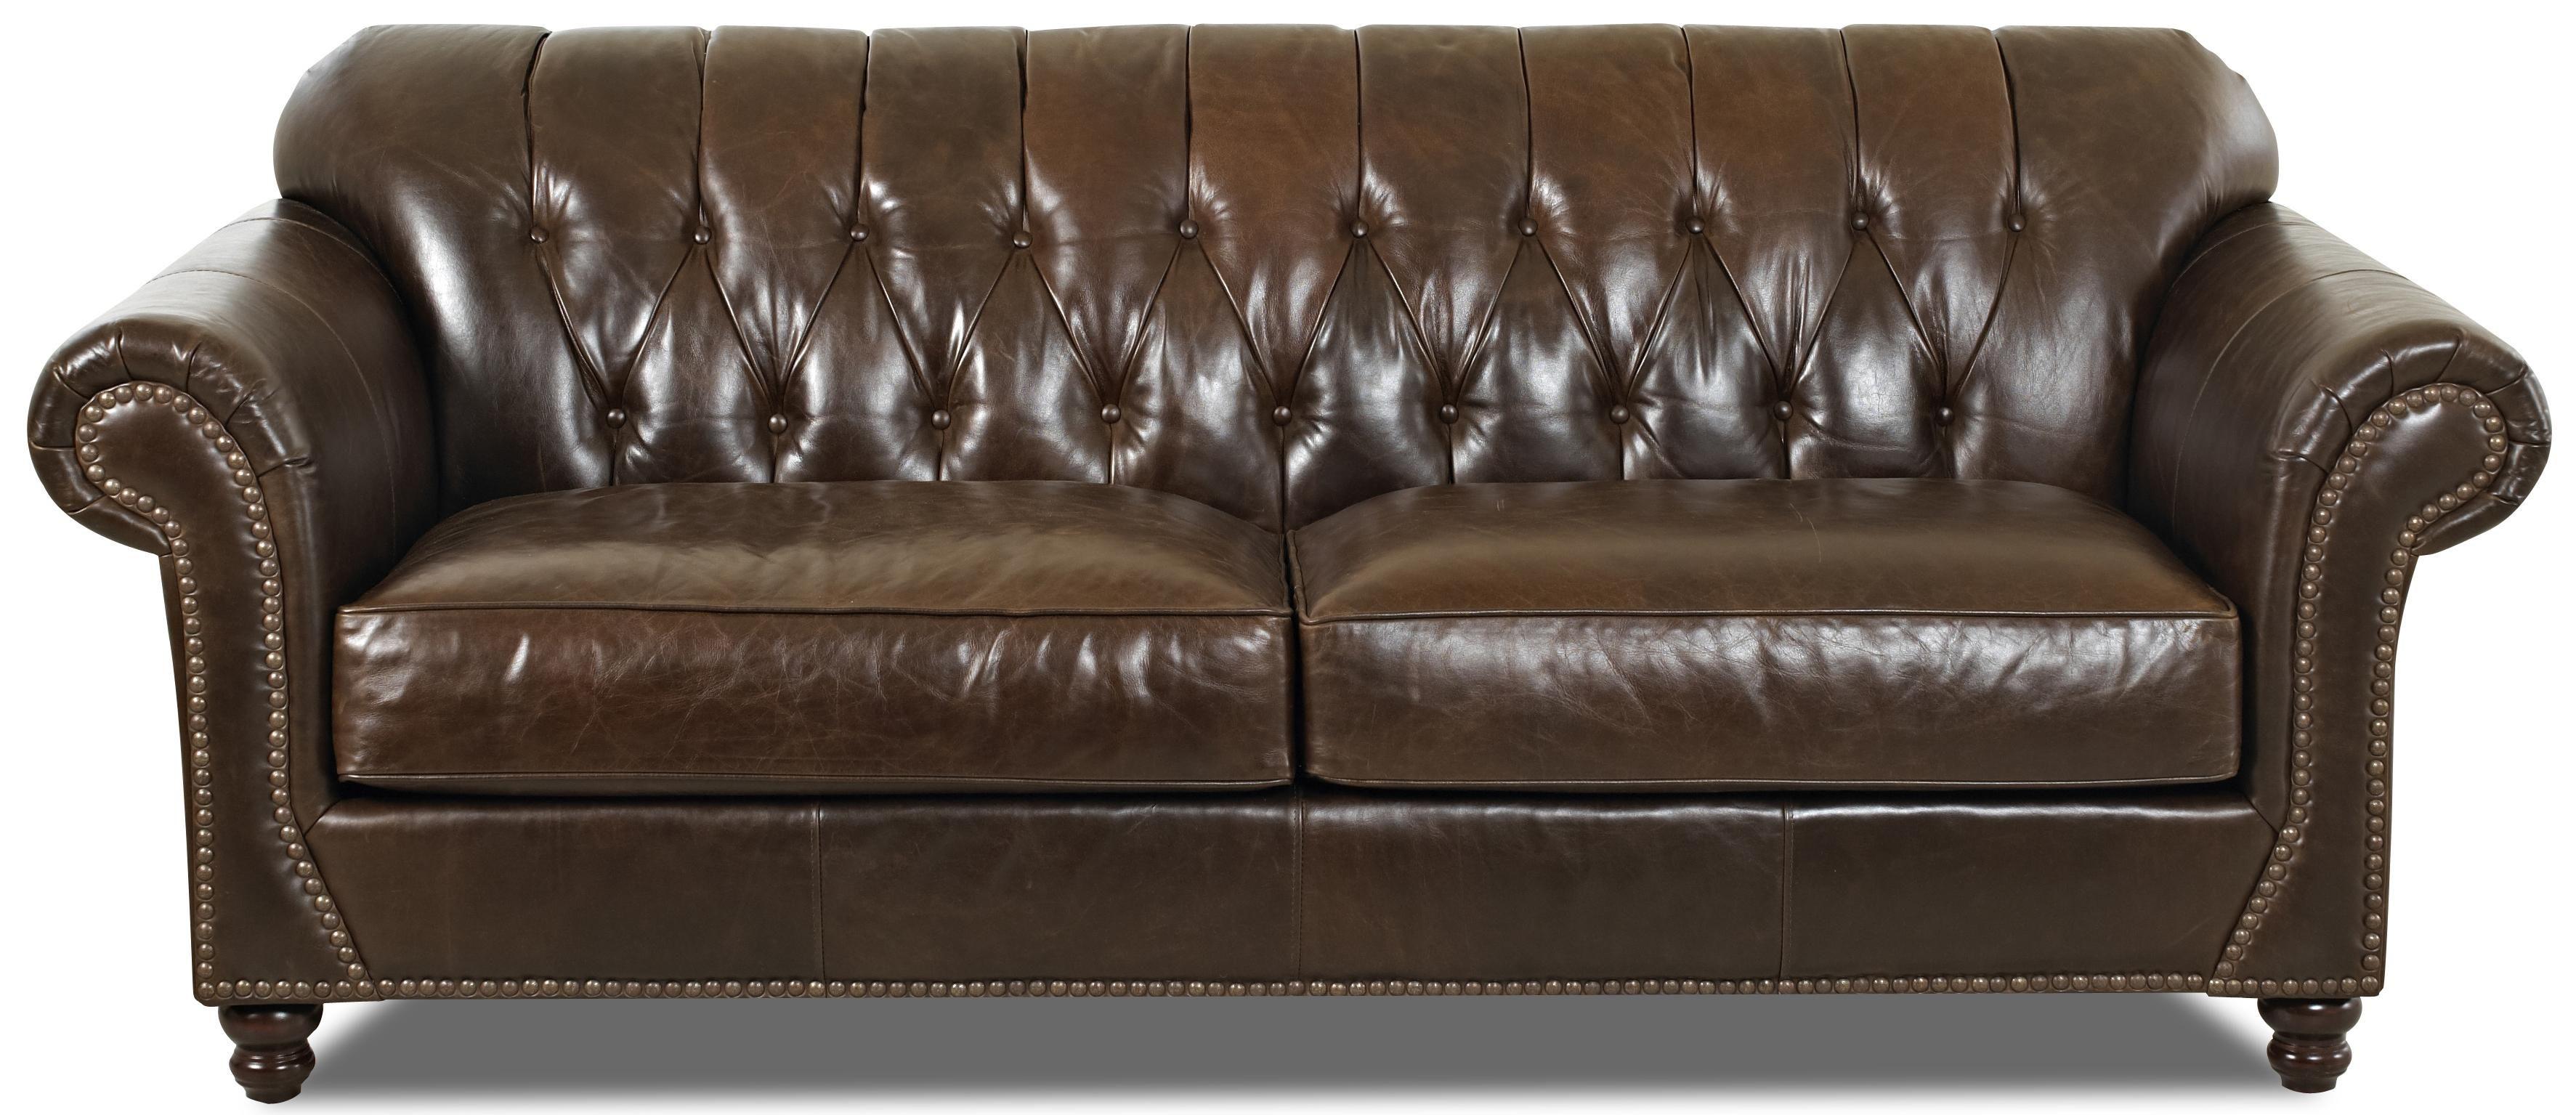 Tufted Leather Sofa Nyc Patio Ideas